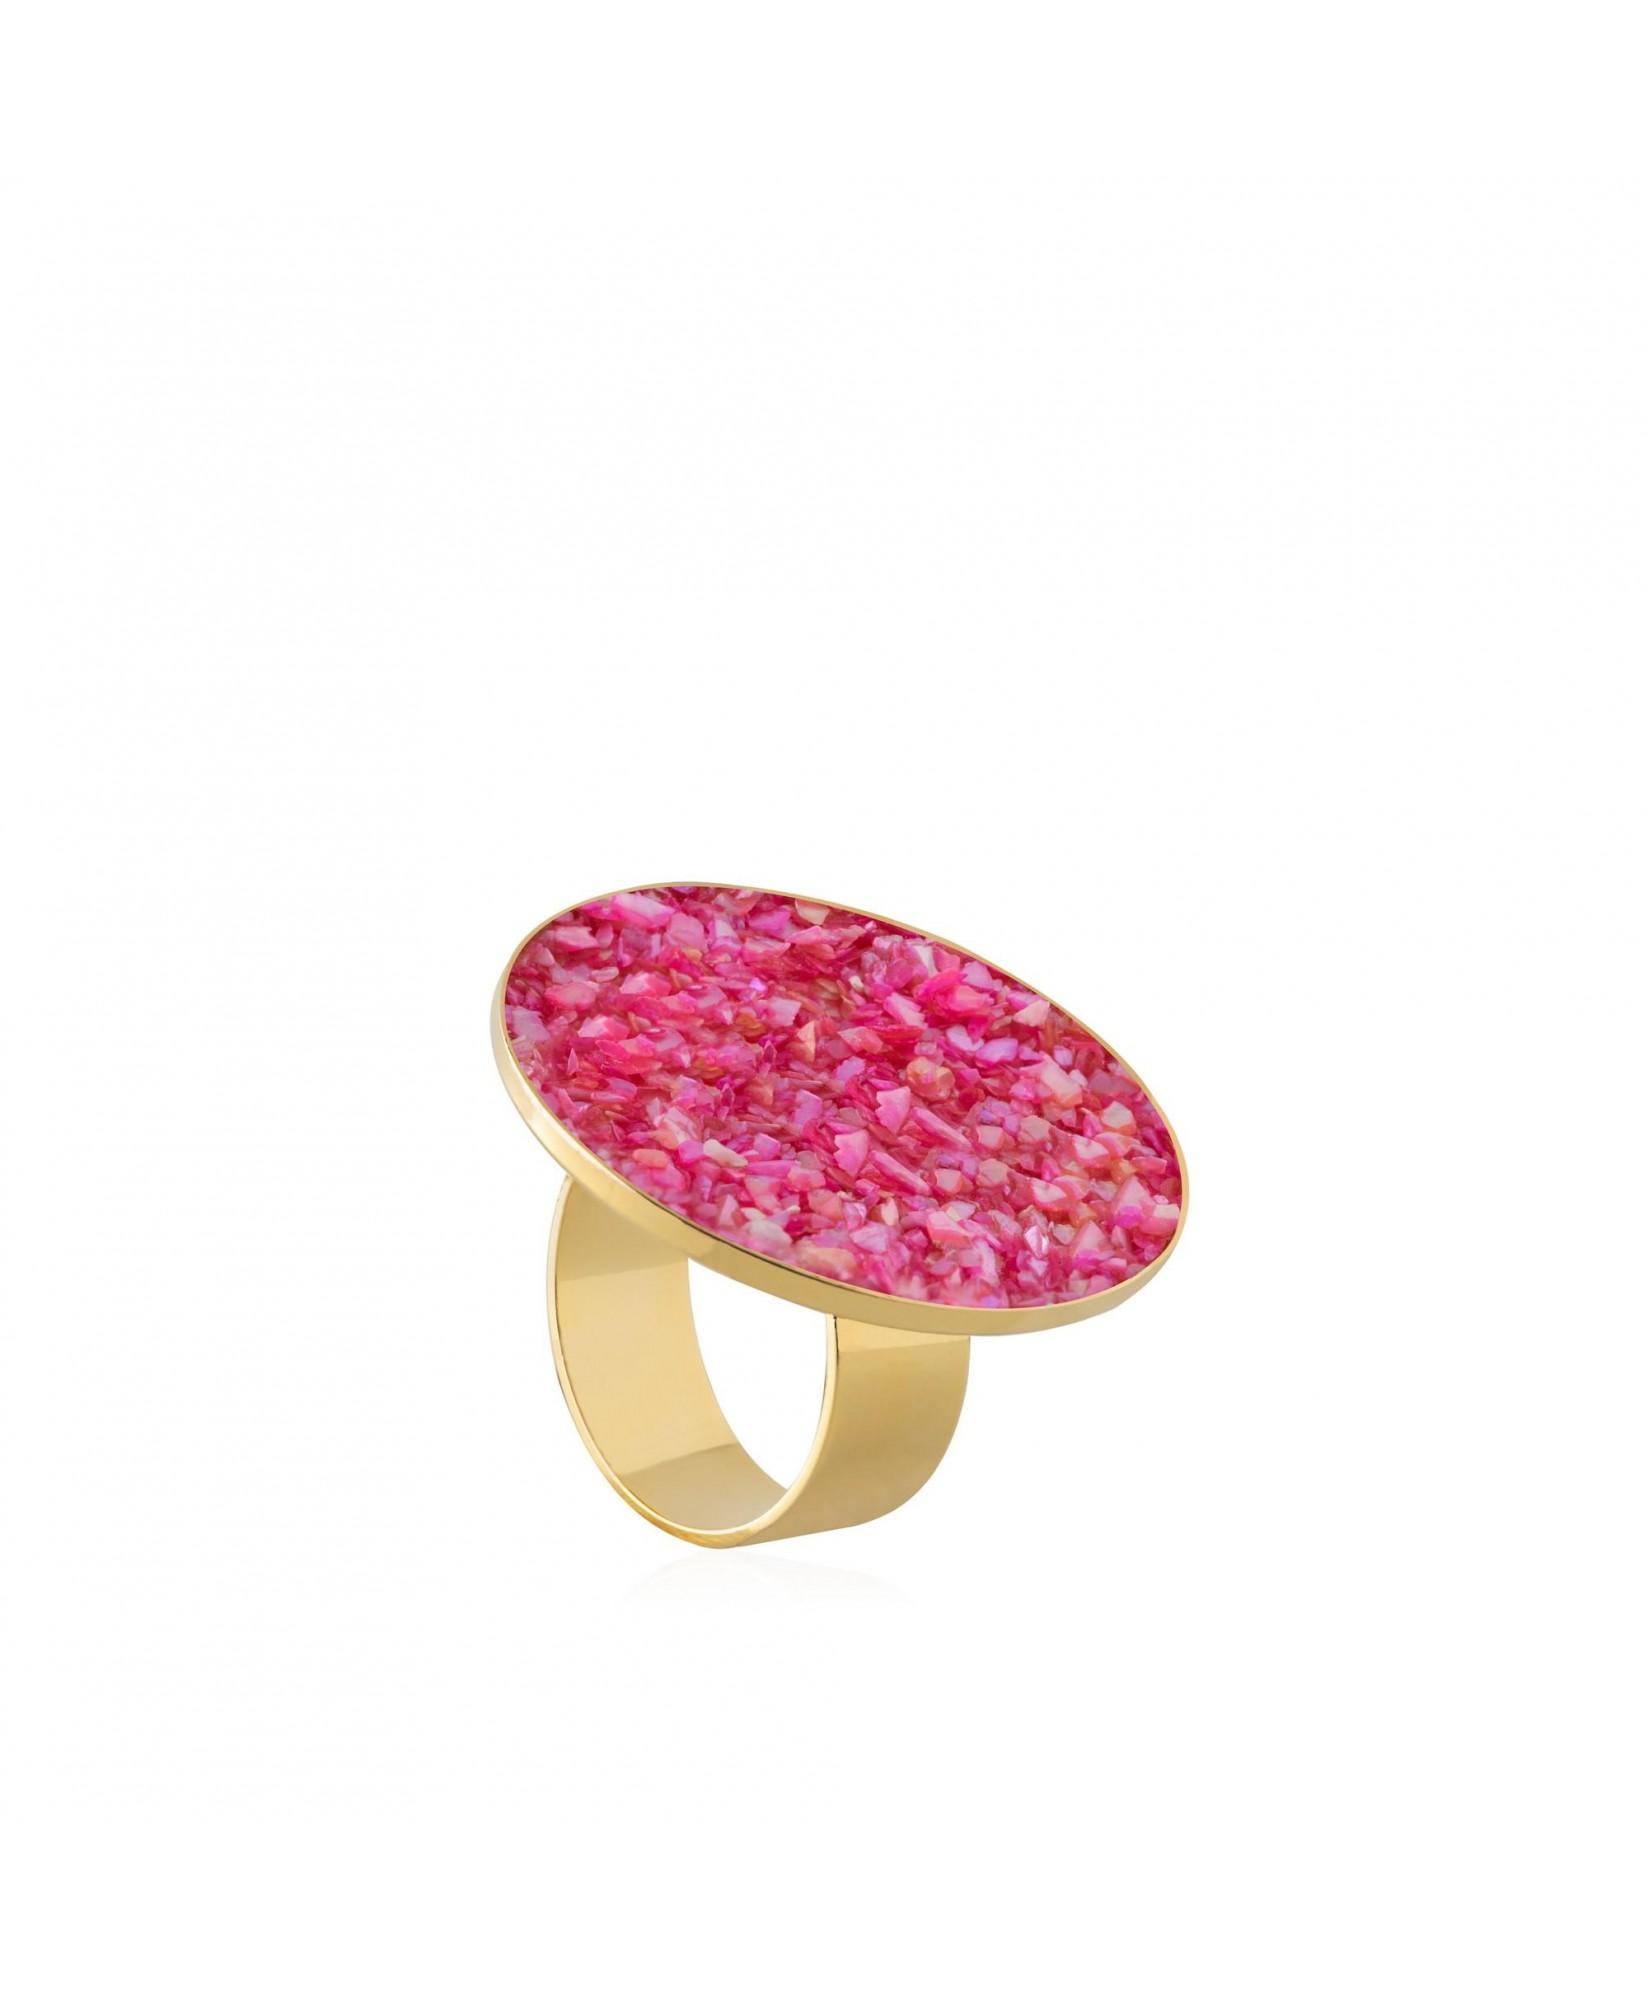 Anillo oro Isis con nácar rosa Anillo oro Isis con nácar rosa